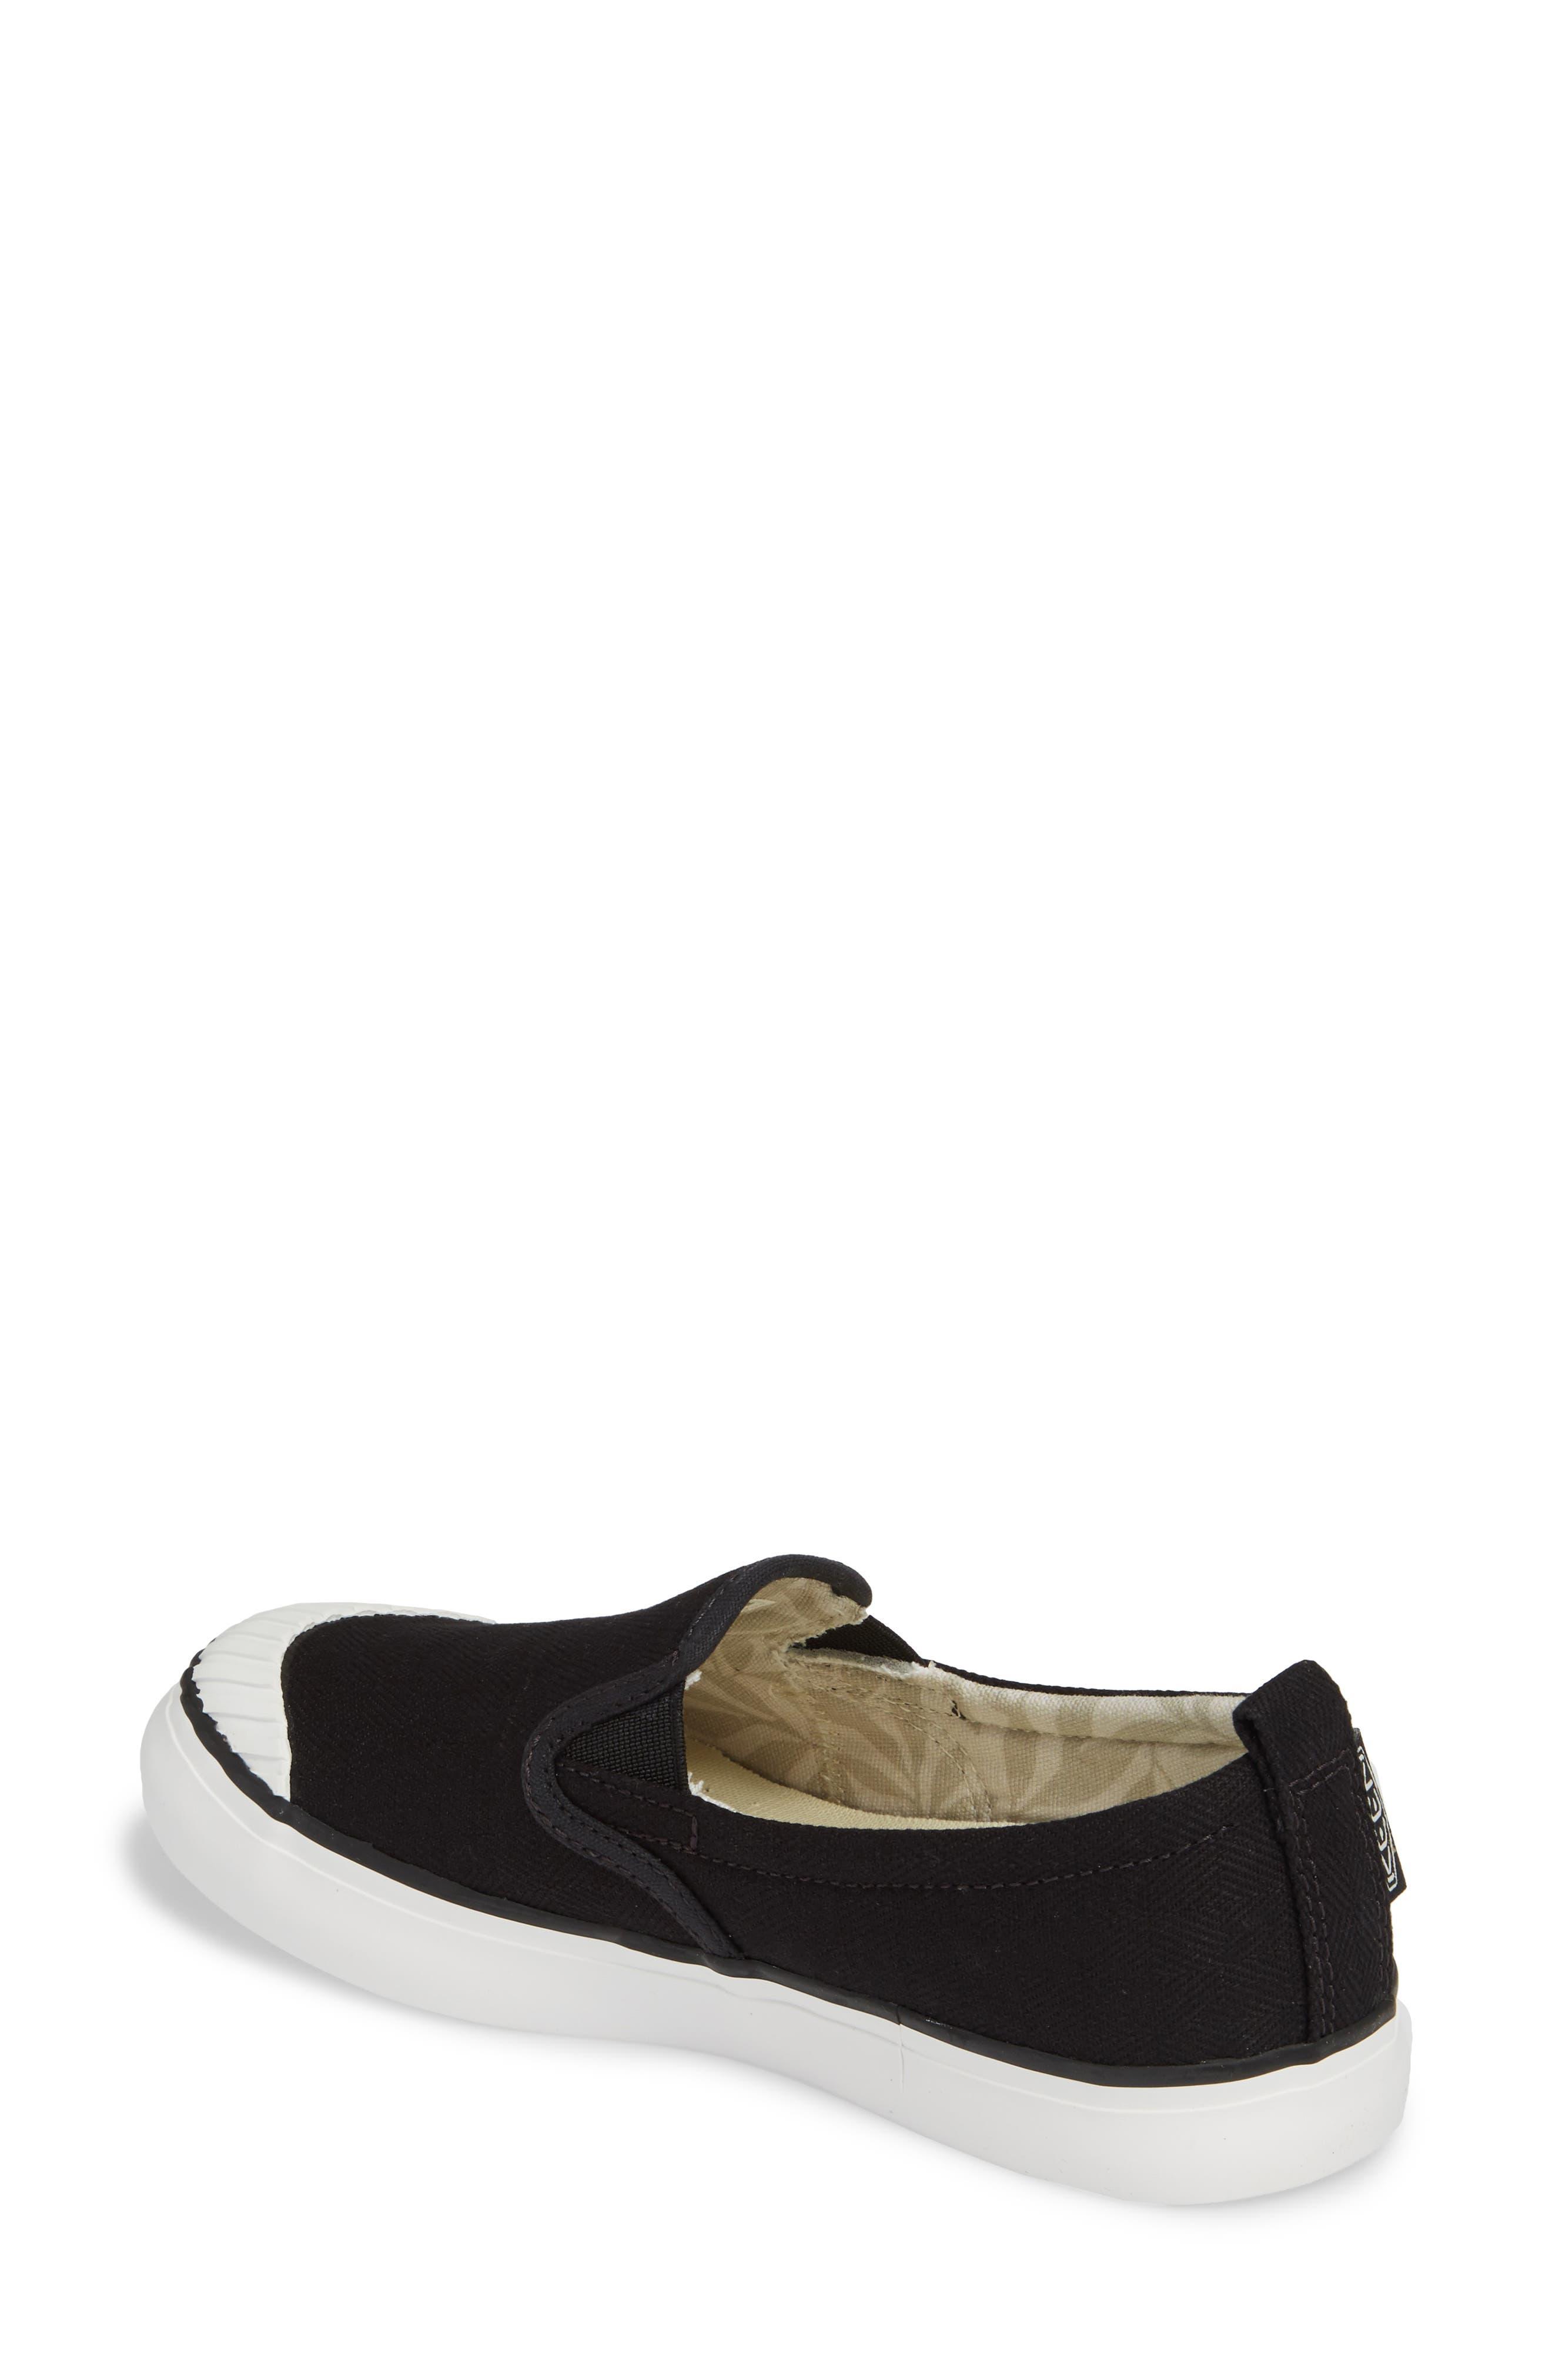 KEEN, Elsa Slip-On Sneaker, Alternate thumbnail 2, color, BLACK/ STAR WHITE